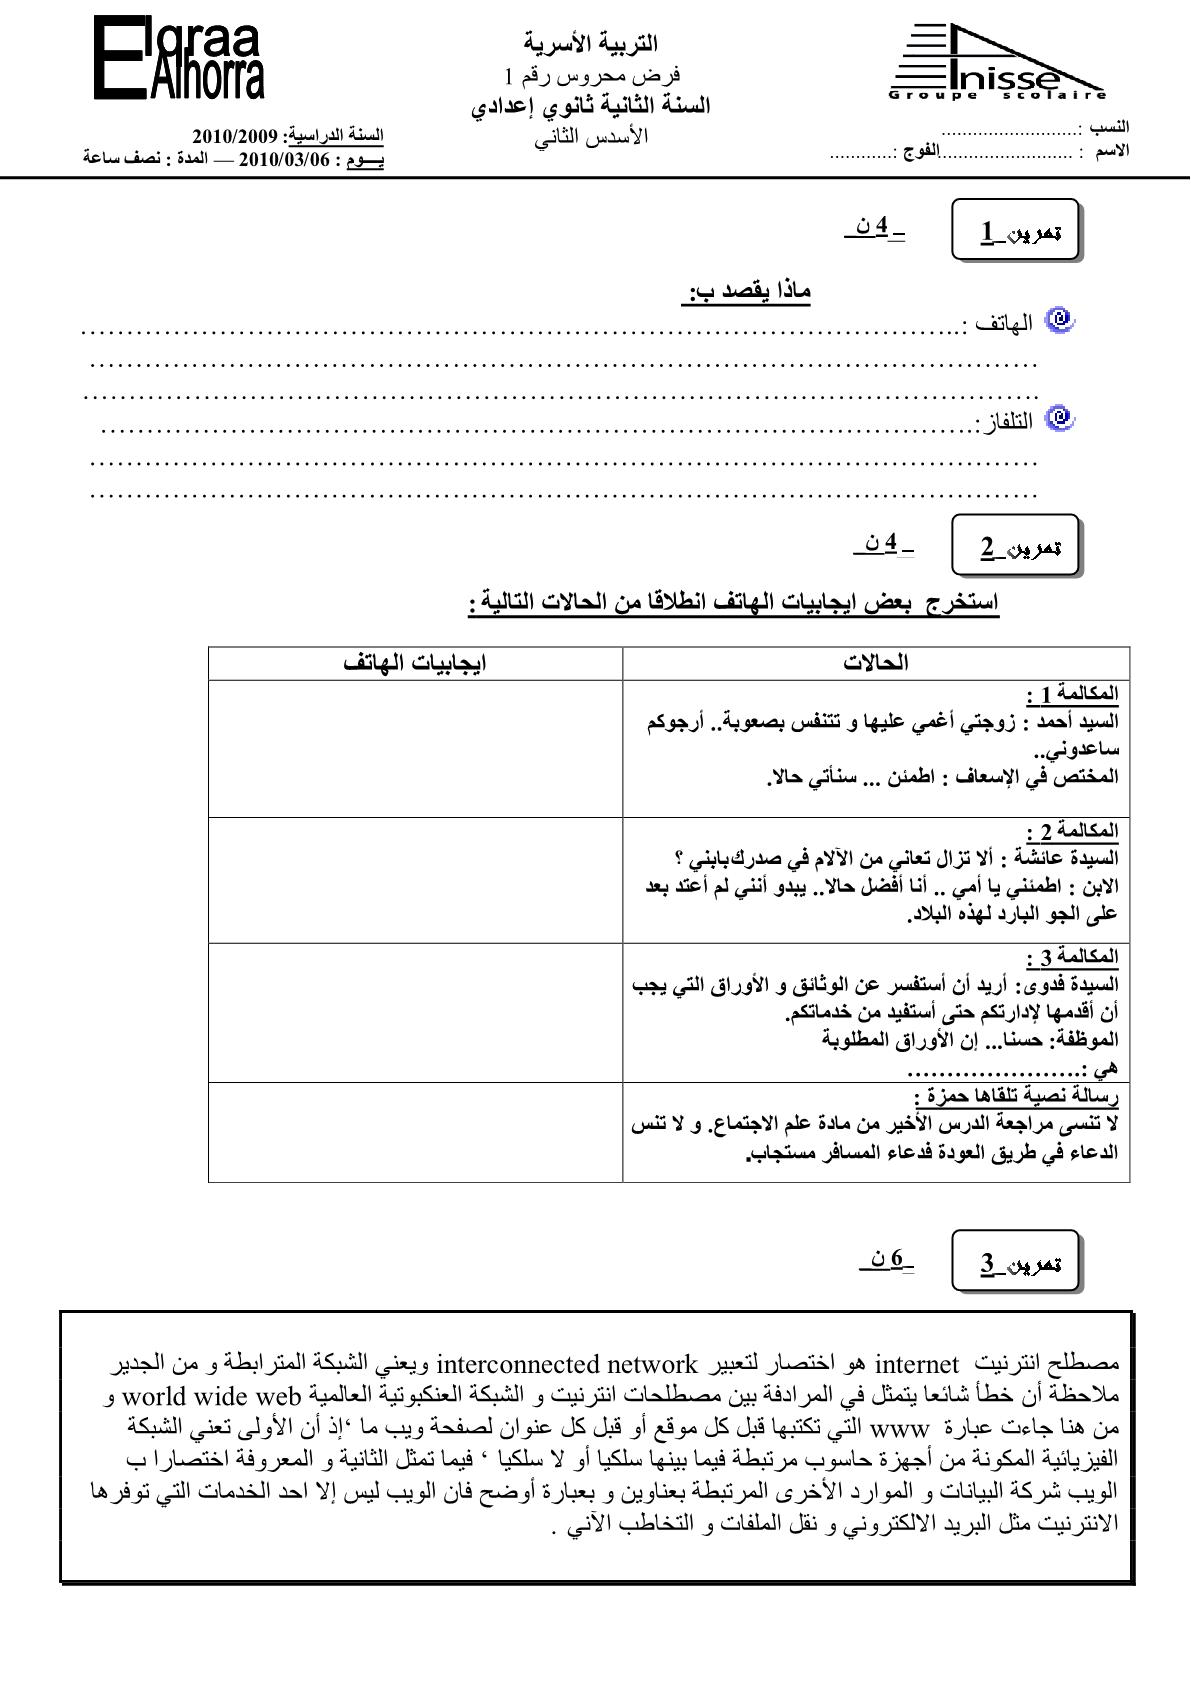 فرض محروس رقم 1 بمادة التربية الإسلامية الدورة الثانية السنة الثانية إعدادي